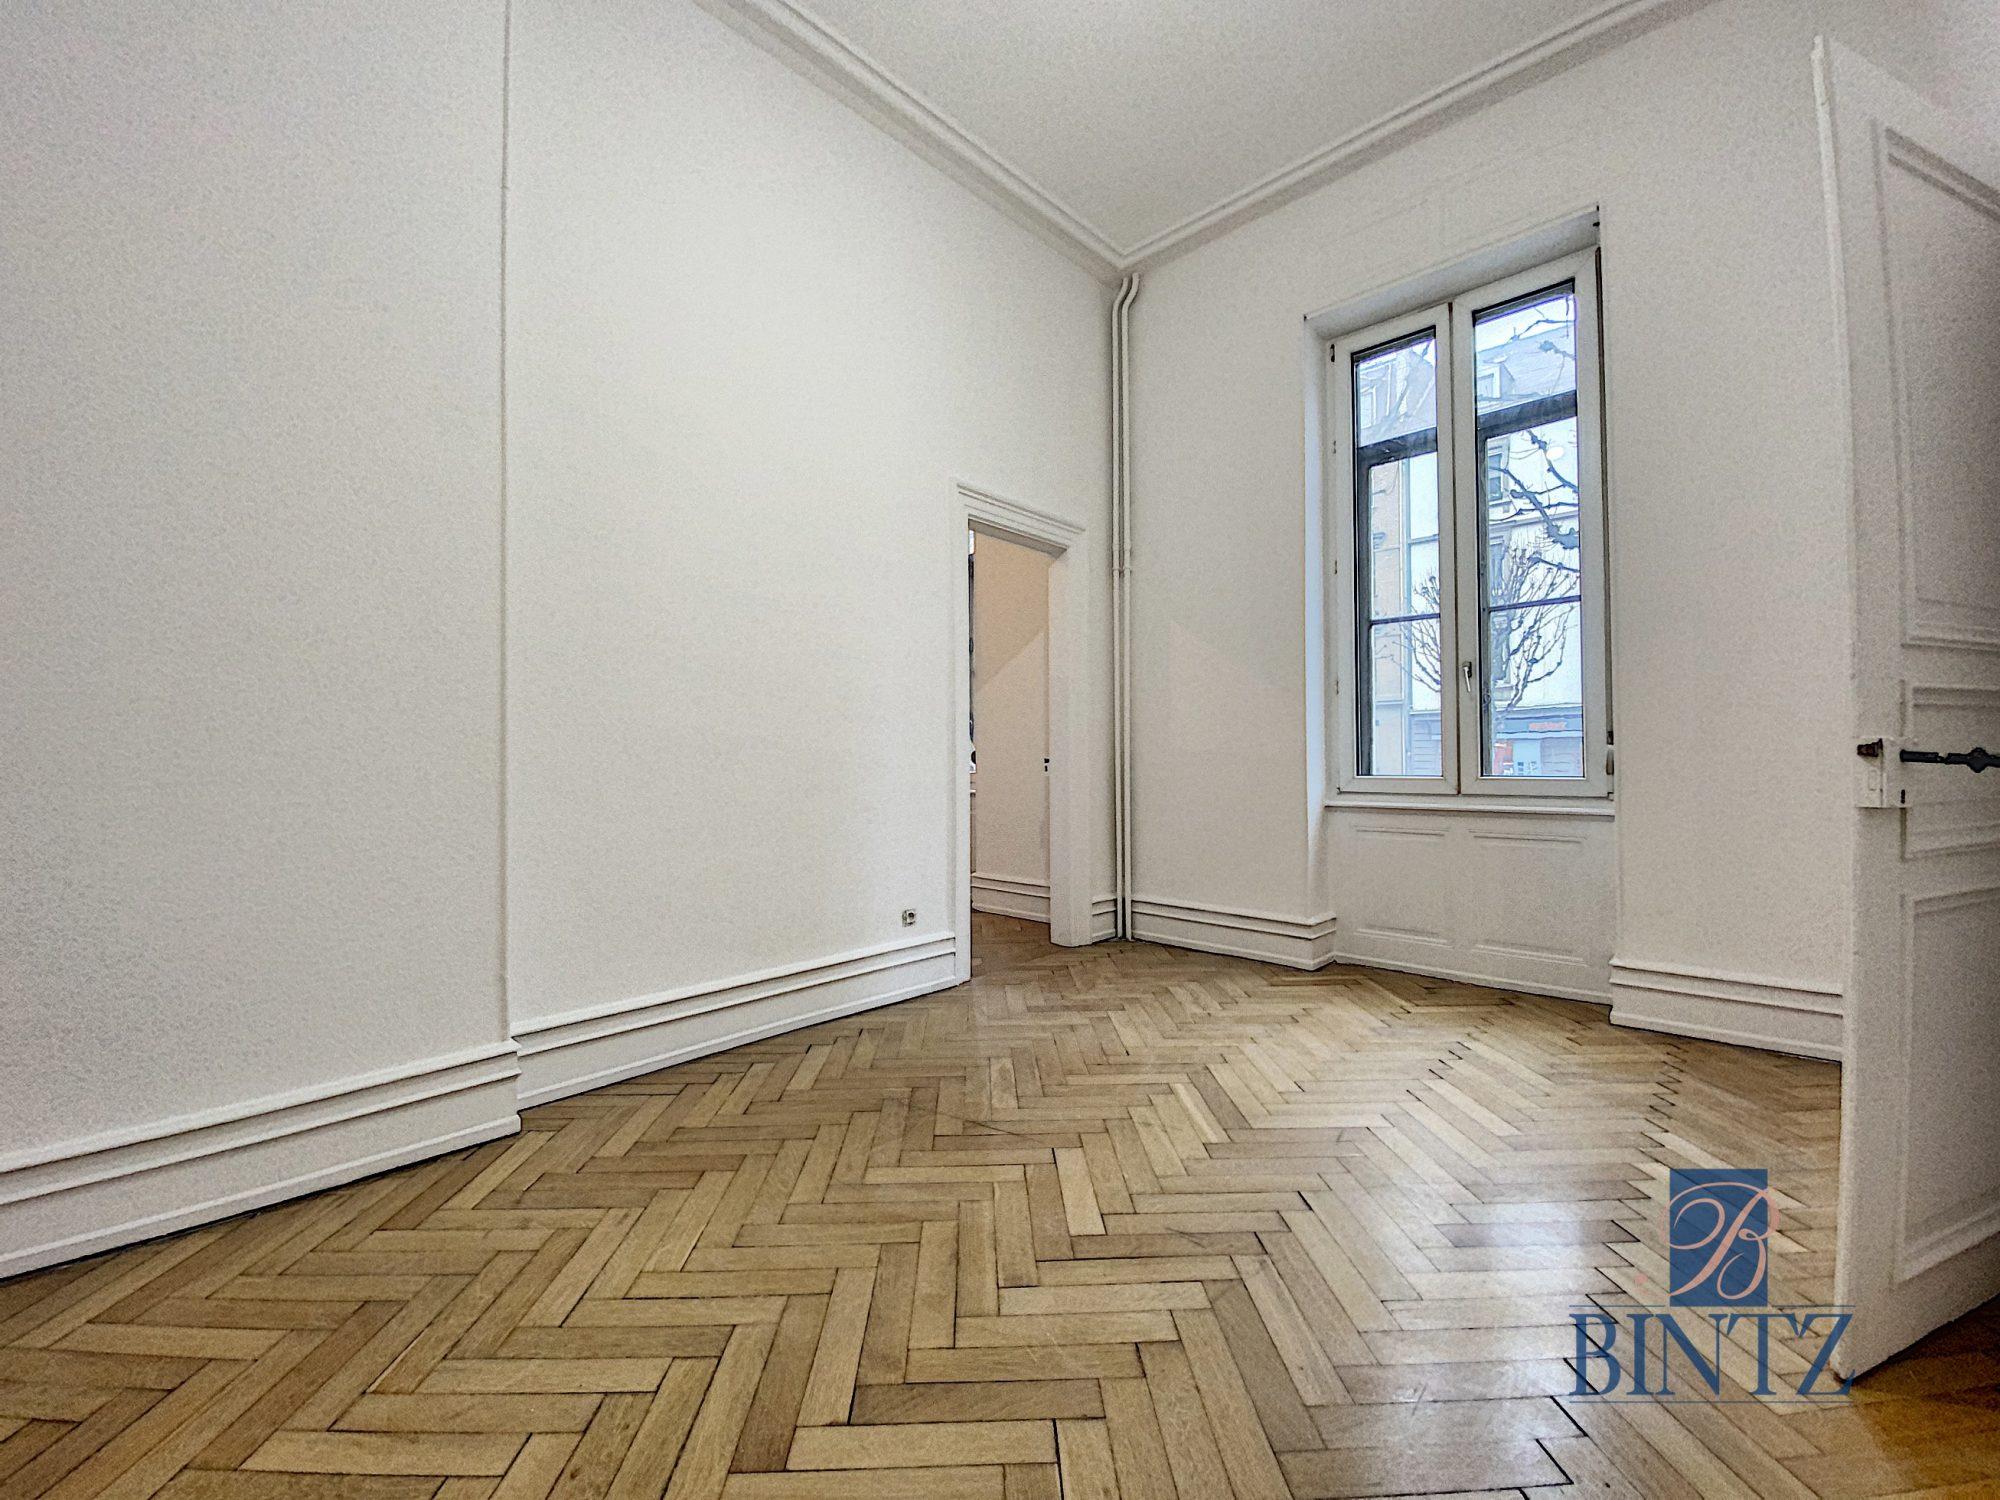 5 pièces rue Wimpheling - Devenez locataire en toute sérénité - Bintz Immobilier - 19